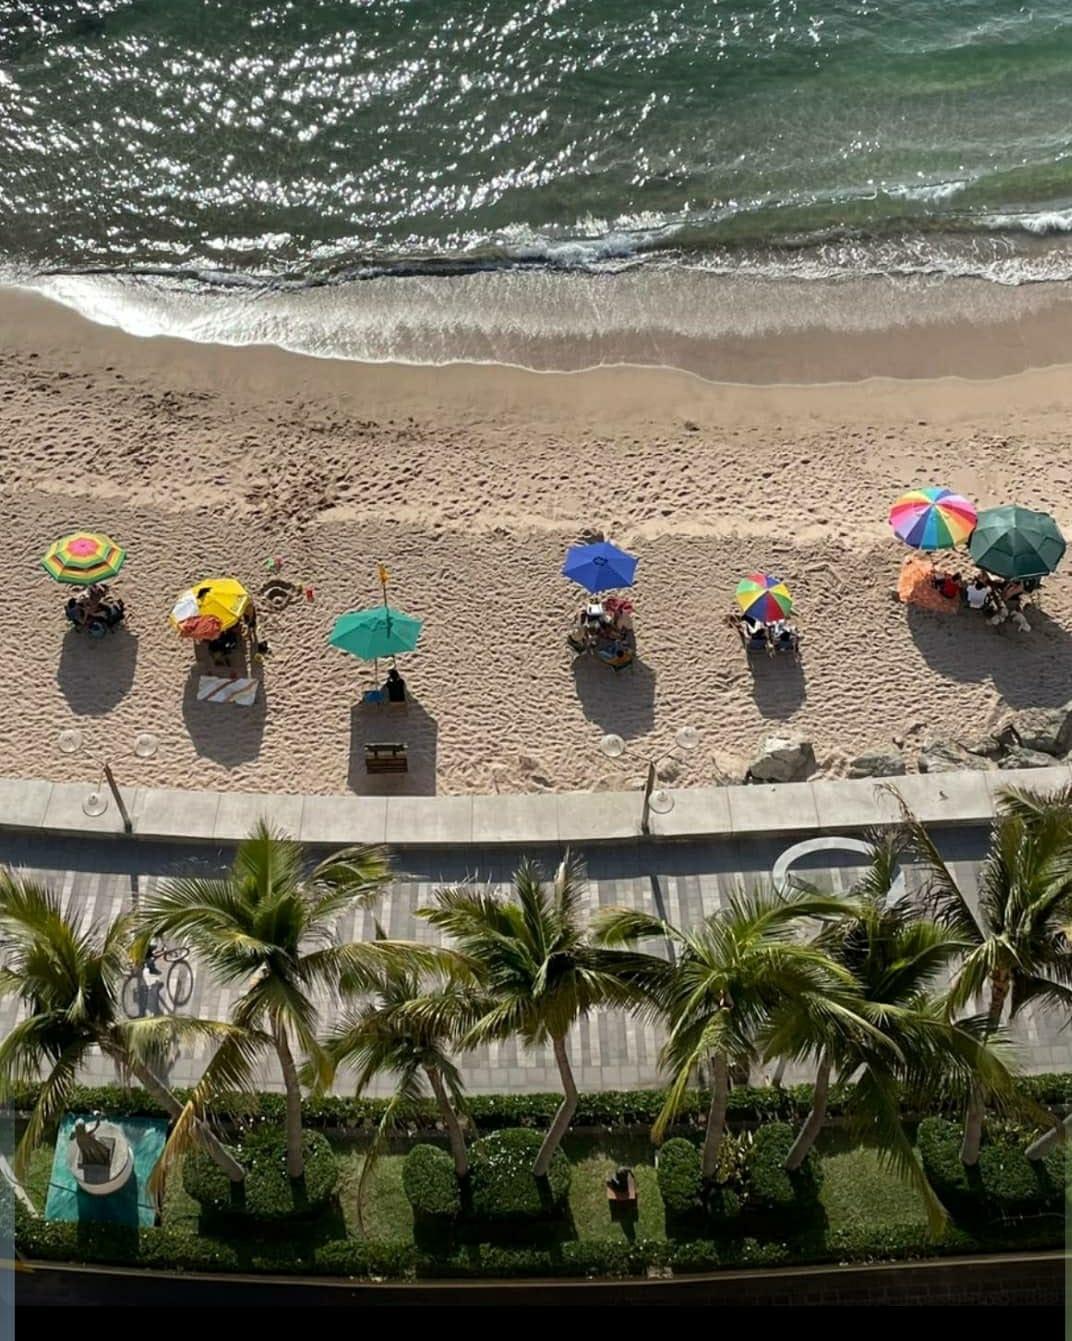 Beach time at Olas Altas.